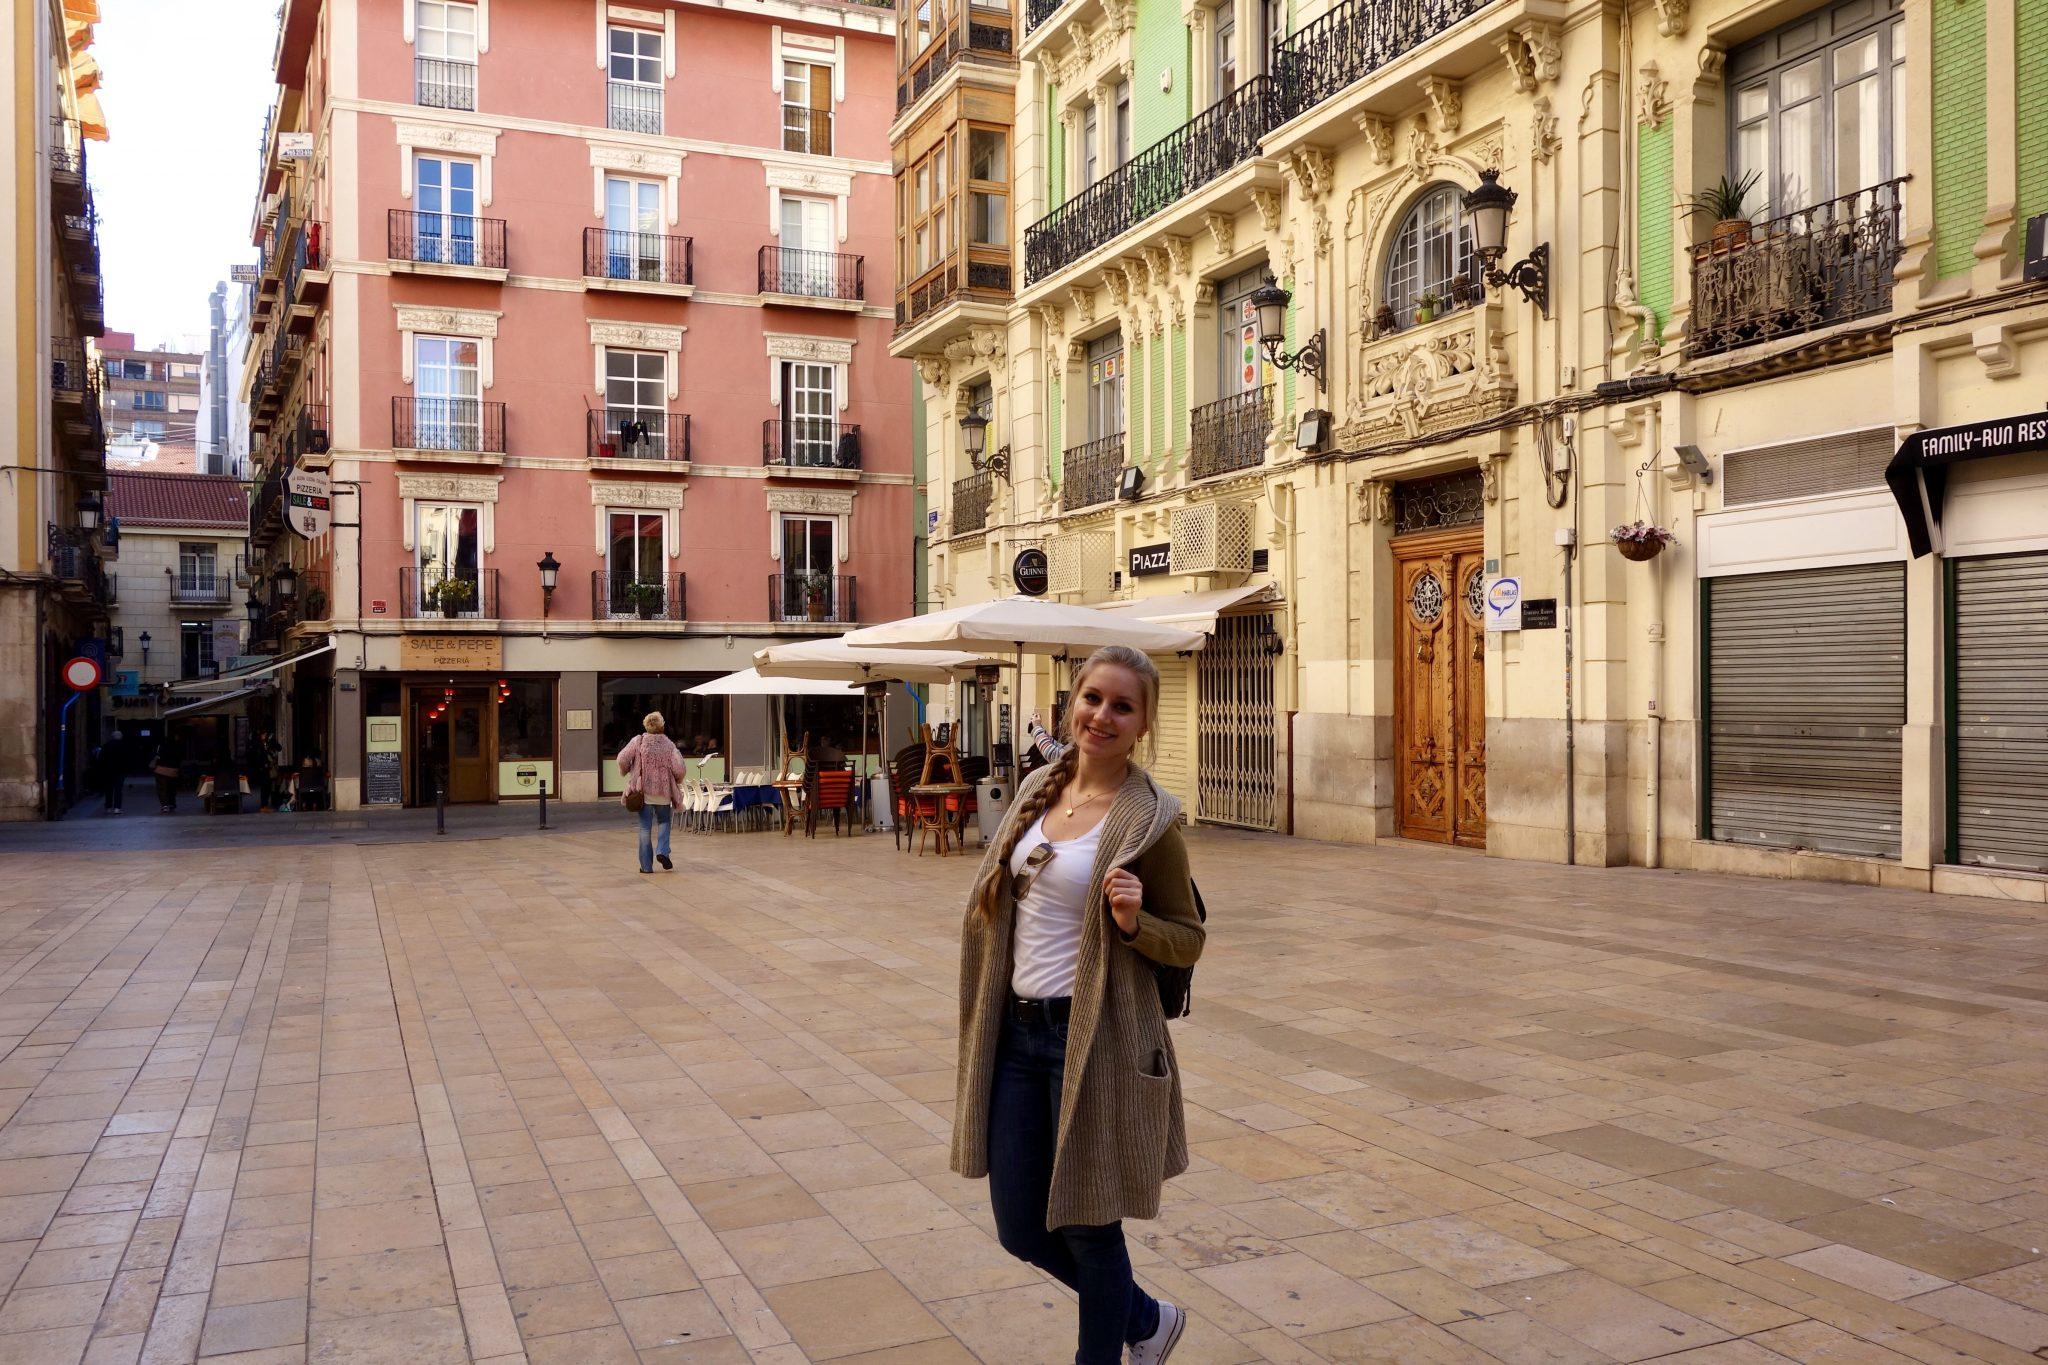 Alicante: anders als in Deutschland, wirst du in Alicante eine kunterbunte Altstadt finden